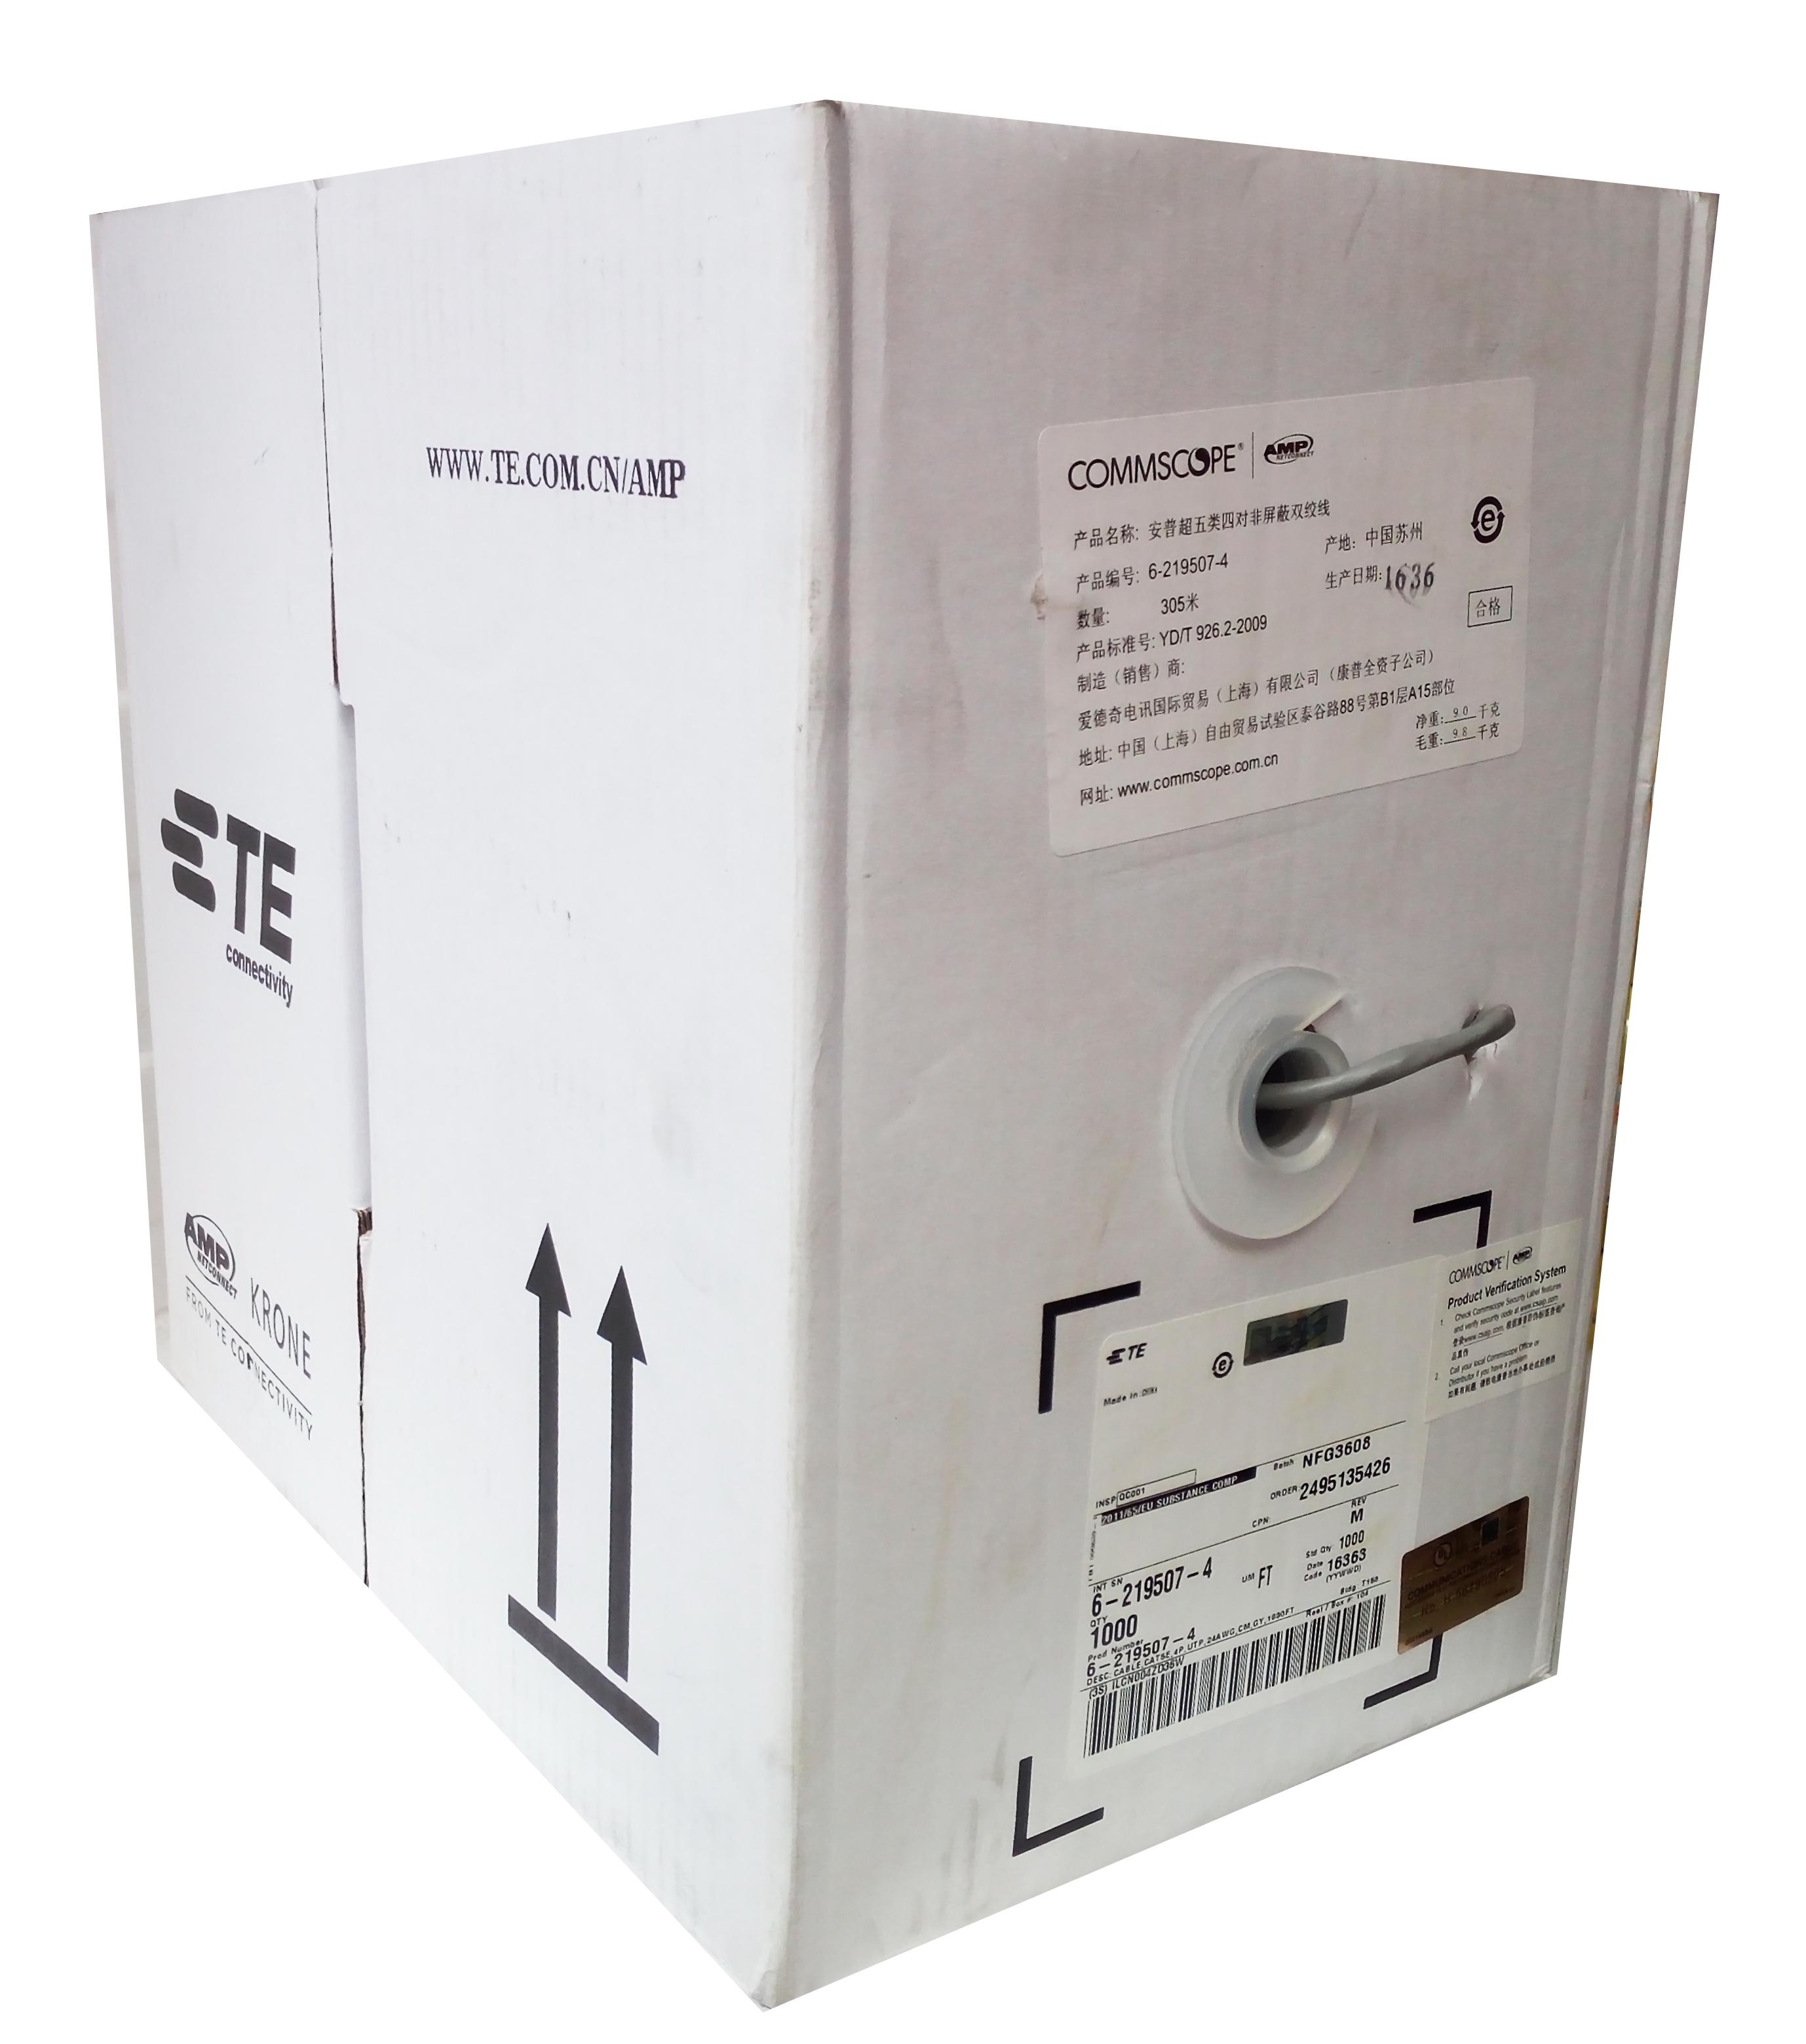 安普超五类非屏蔽网线白箱